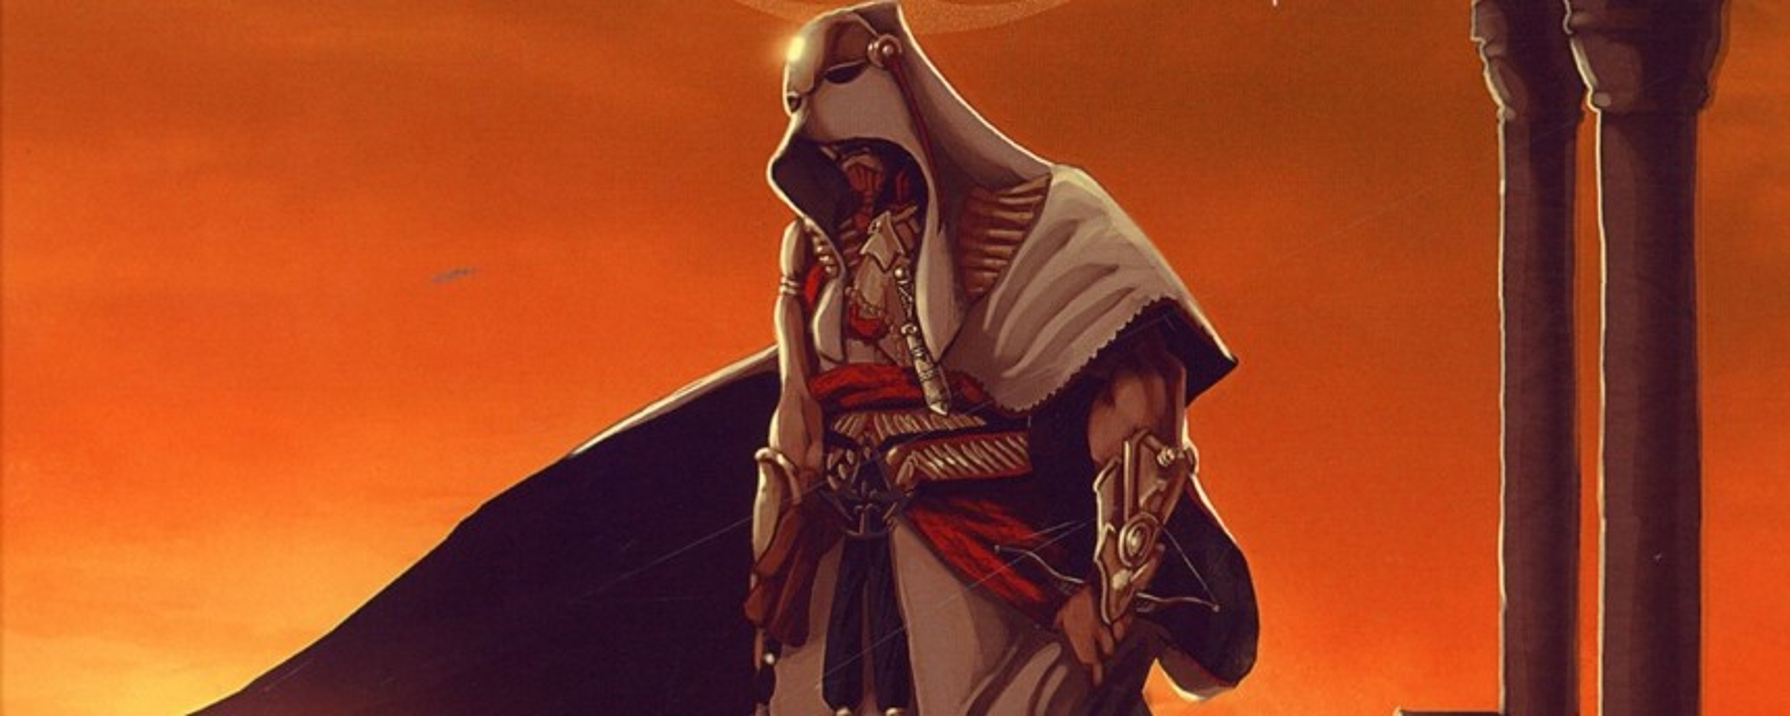 Assassin's Creed do Egito agora se chama Origins e traz várias novidades